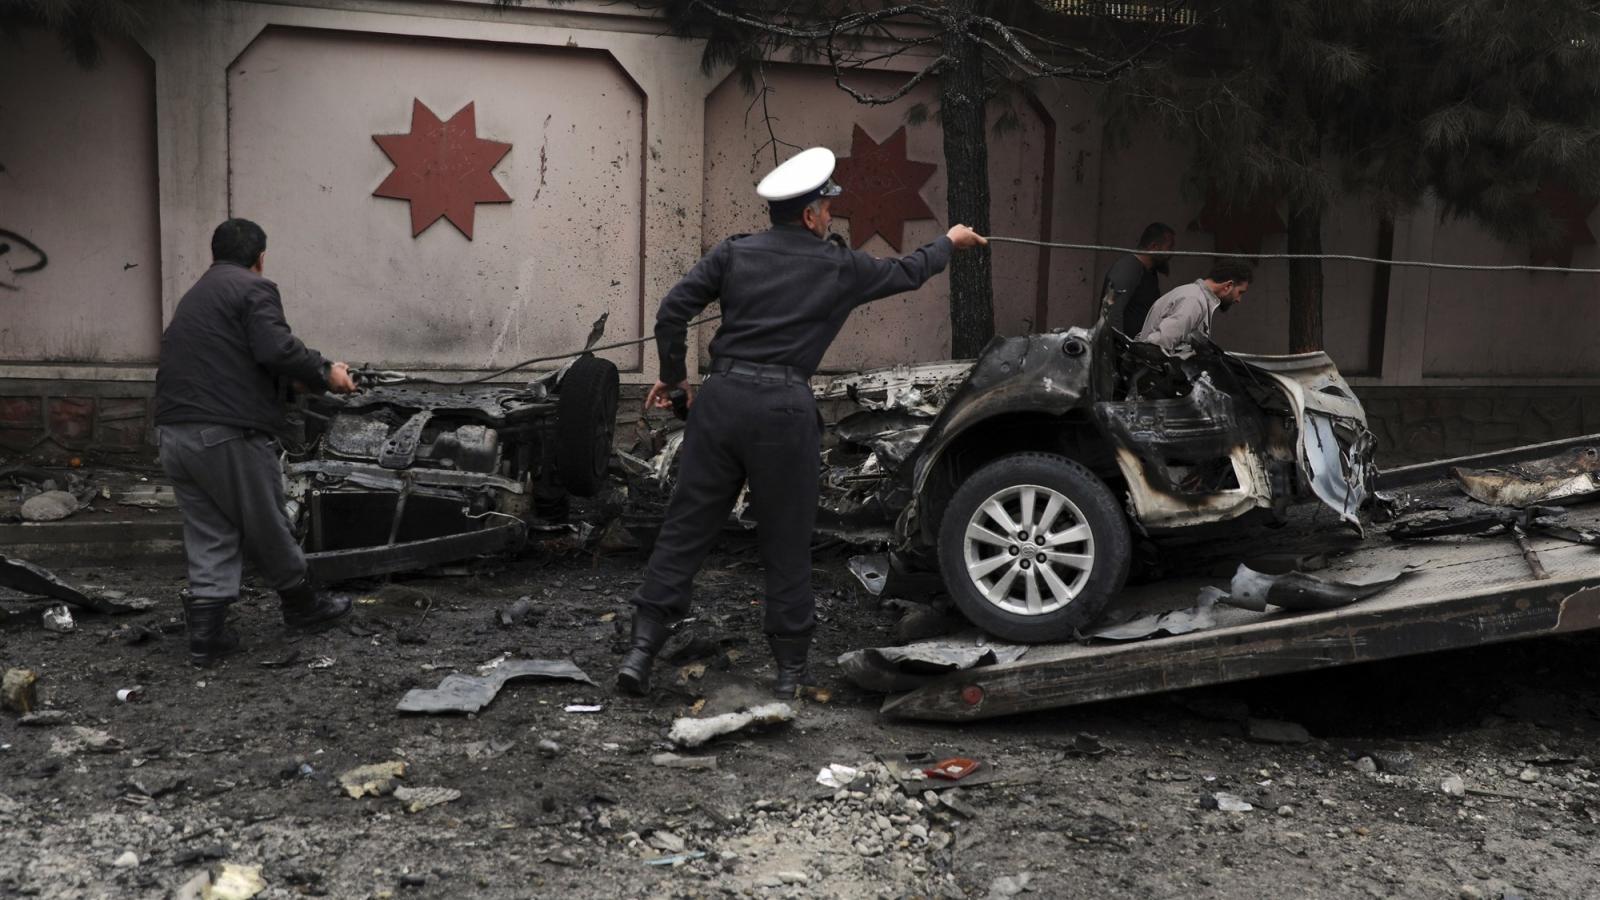 Đánh bom nhằm vào cảnh sát ở Afghanistan khiến 16 người thương vong